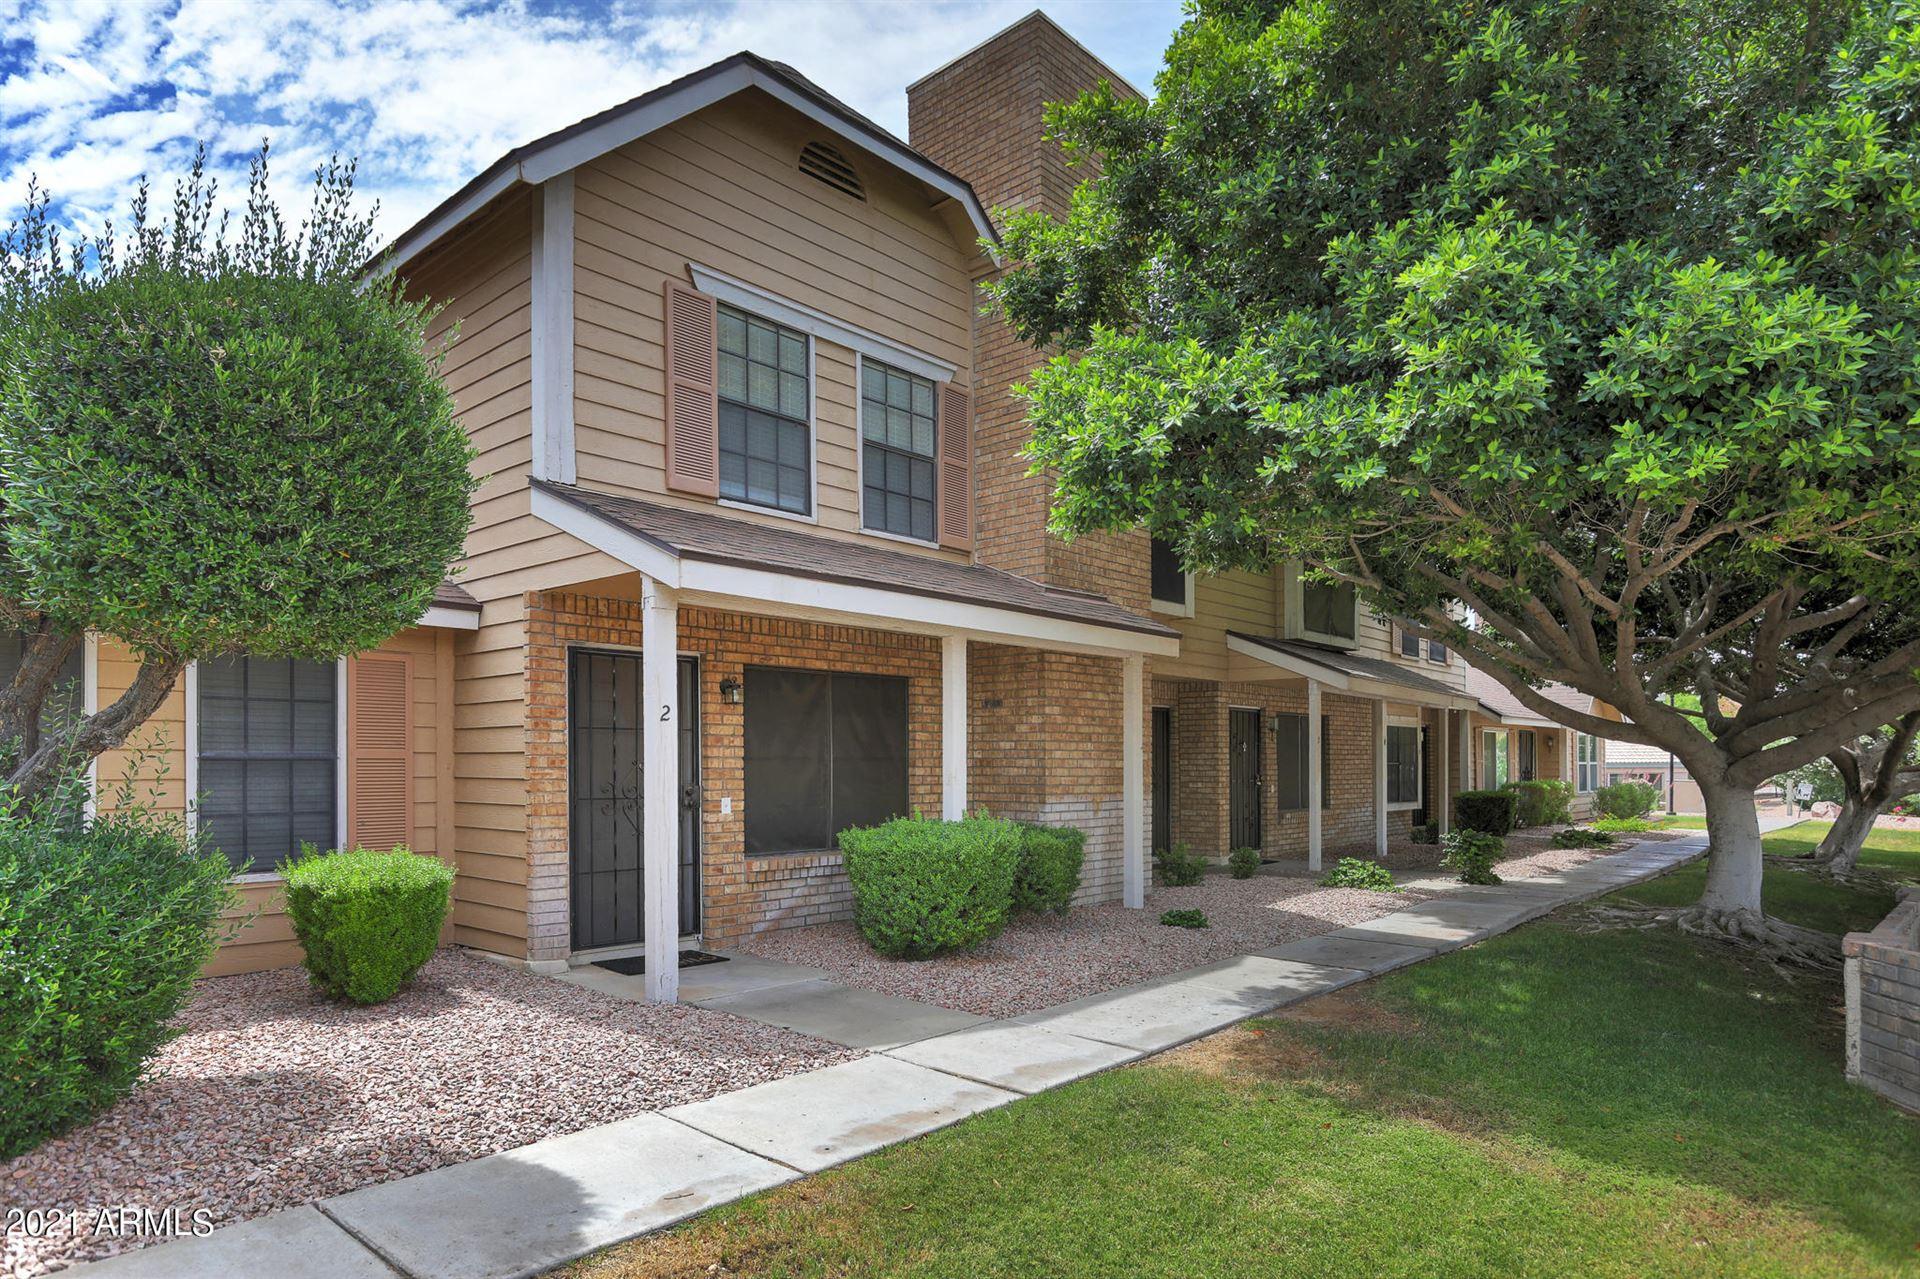 9846 S 48TH Way #2, Phoenix, AZ 85044 - MLS#: 6249507